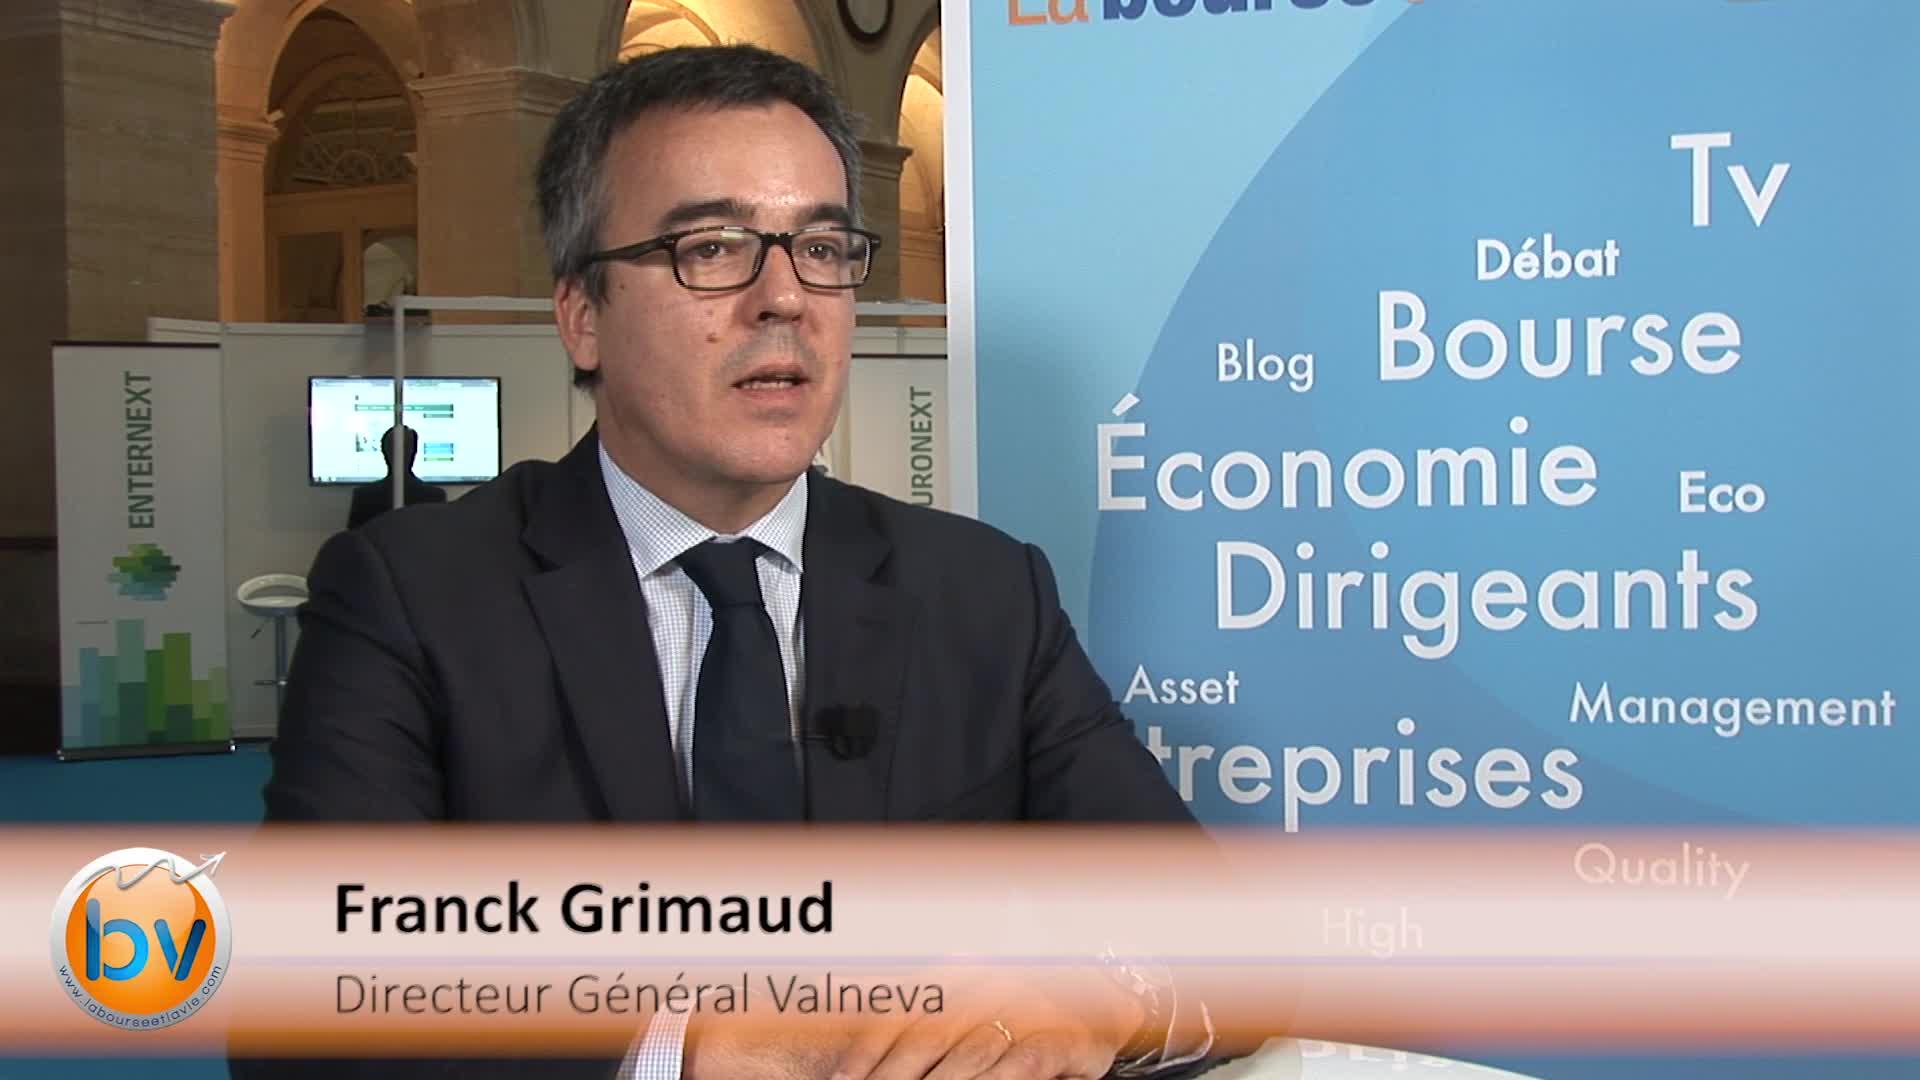 Franck Grimaud Directeur Général Valneva : «L'ambition de devenir le leader indépendant des vaccins»